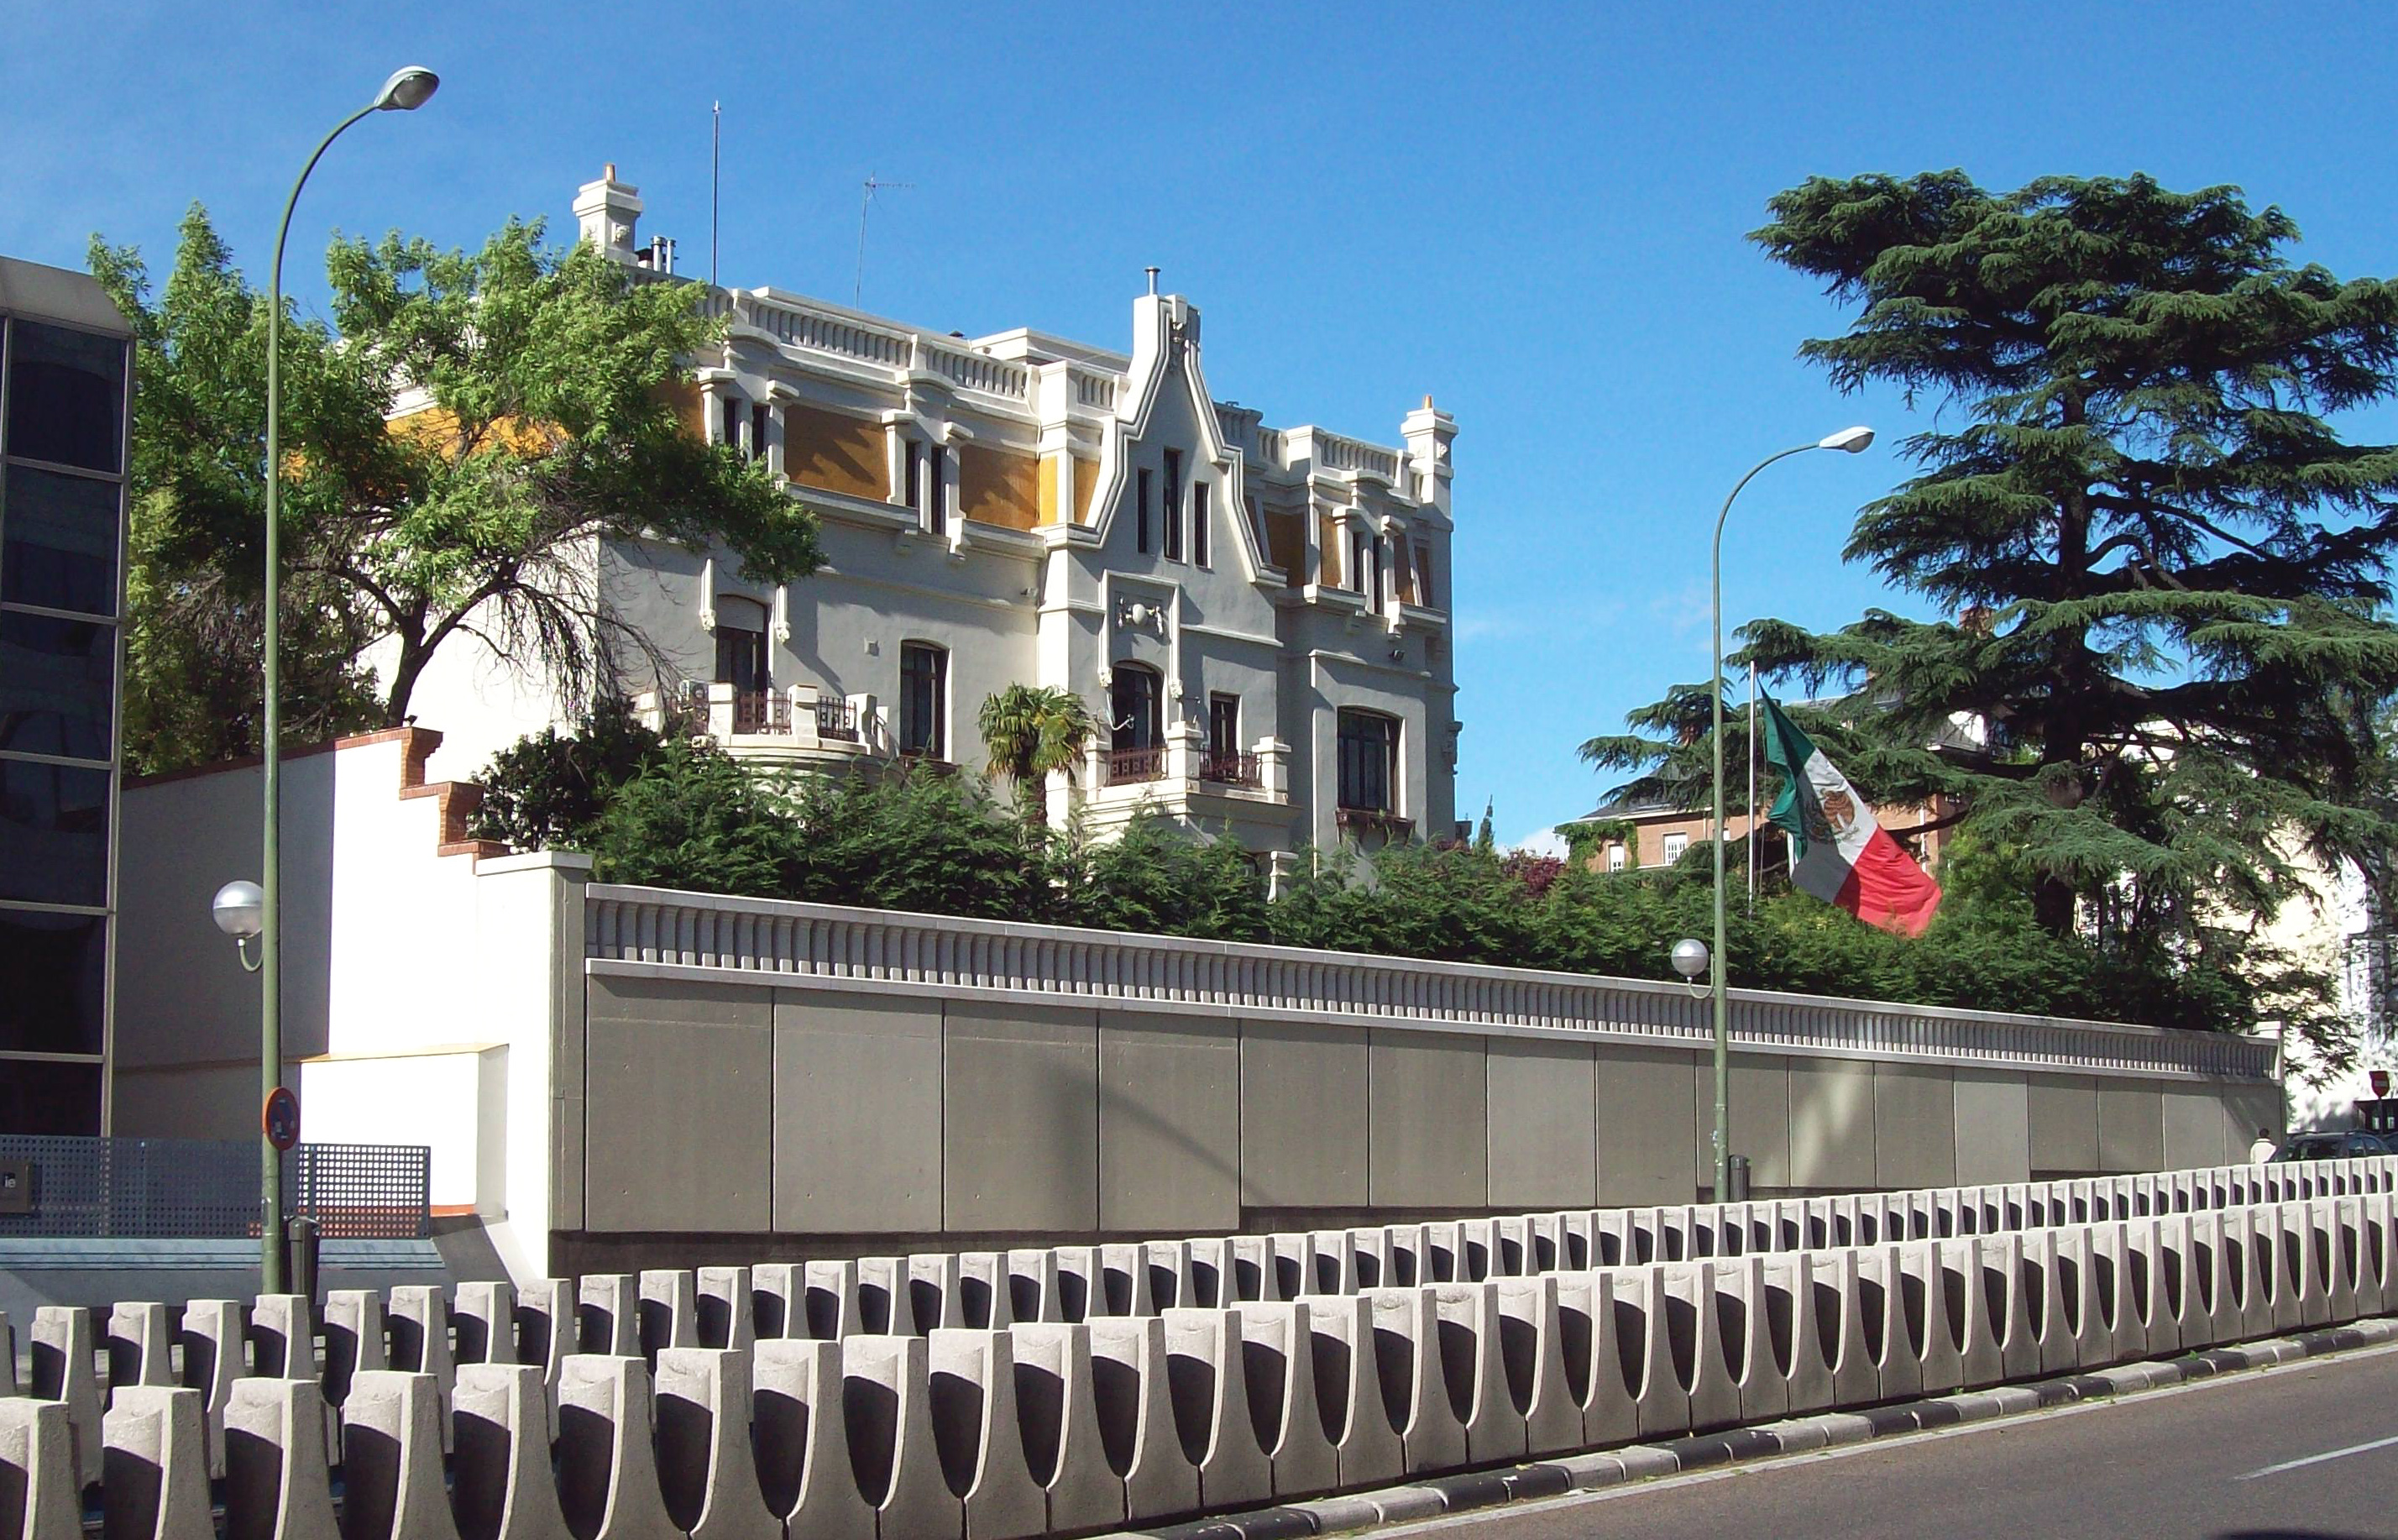 Archivo embajada de m xico en madrid espa a - Embaja de espana ...